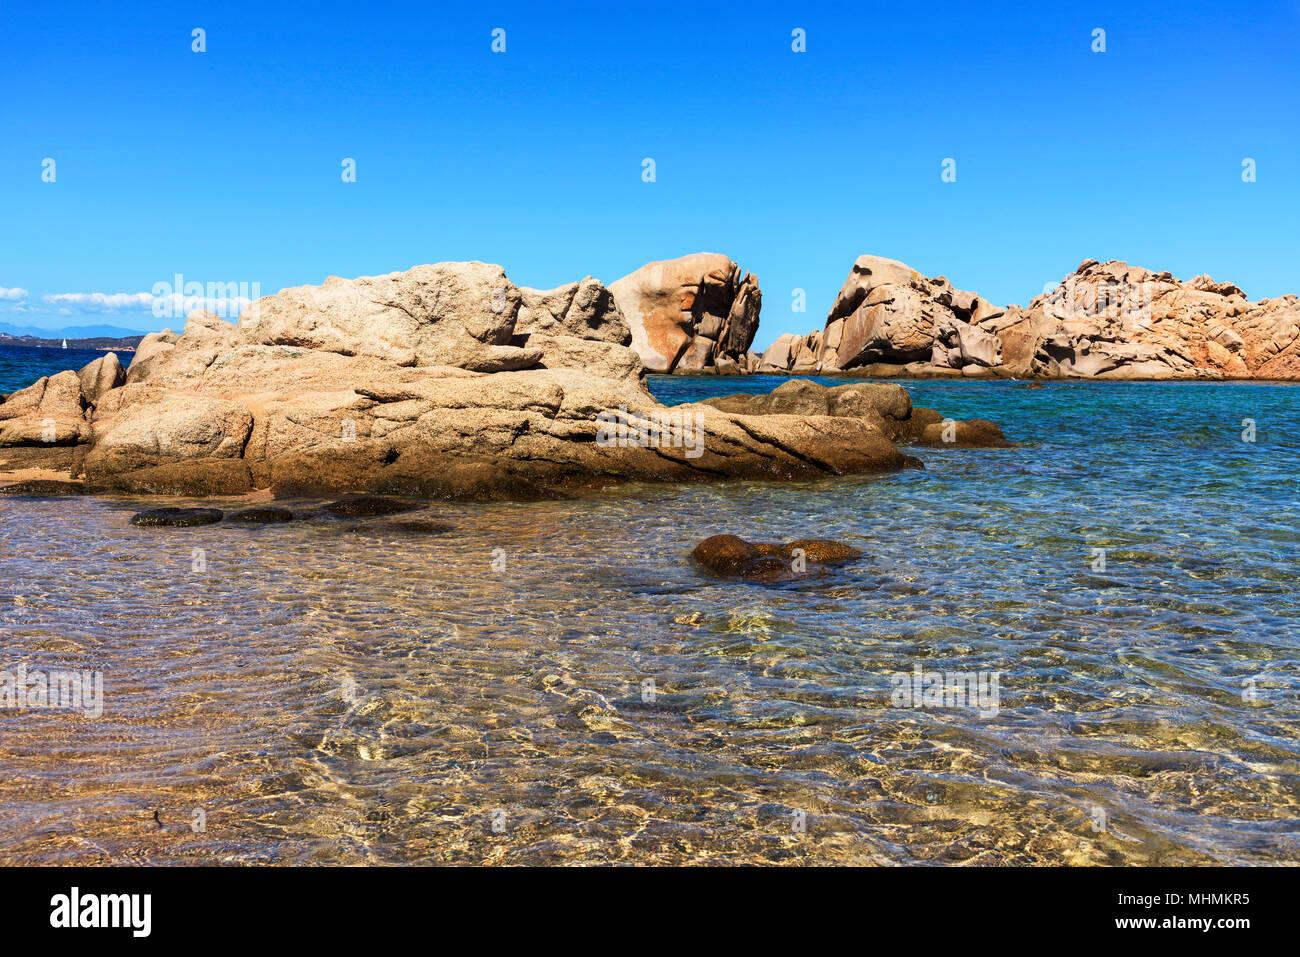 Une vue de l'eau claire de la mer Méditerranée et un groupe de rock formations dans une plage tranquille, dans la côte de Baja Sardinia, dans la célèbre Costa Photo Stock